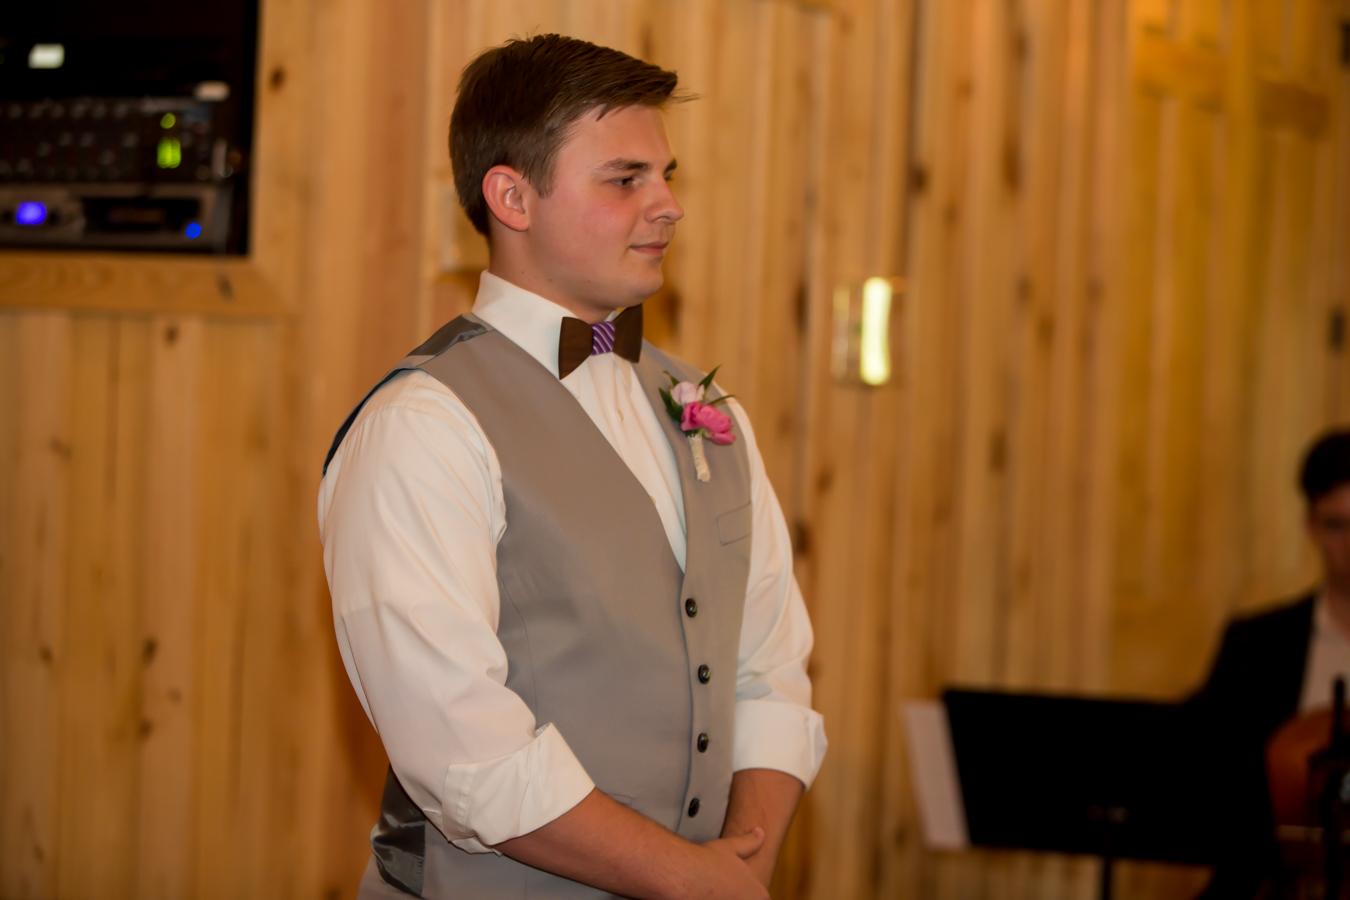 Edmond-wedding-photographer-51.jpg